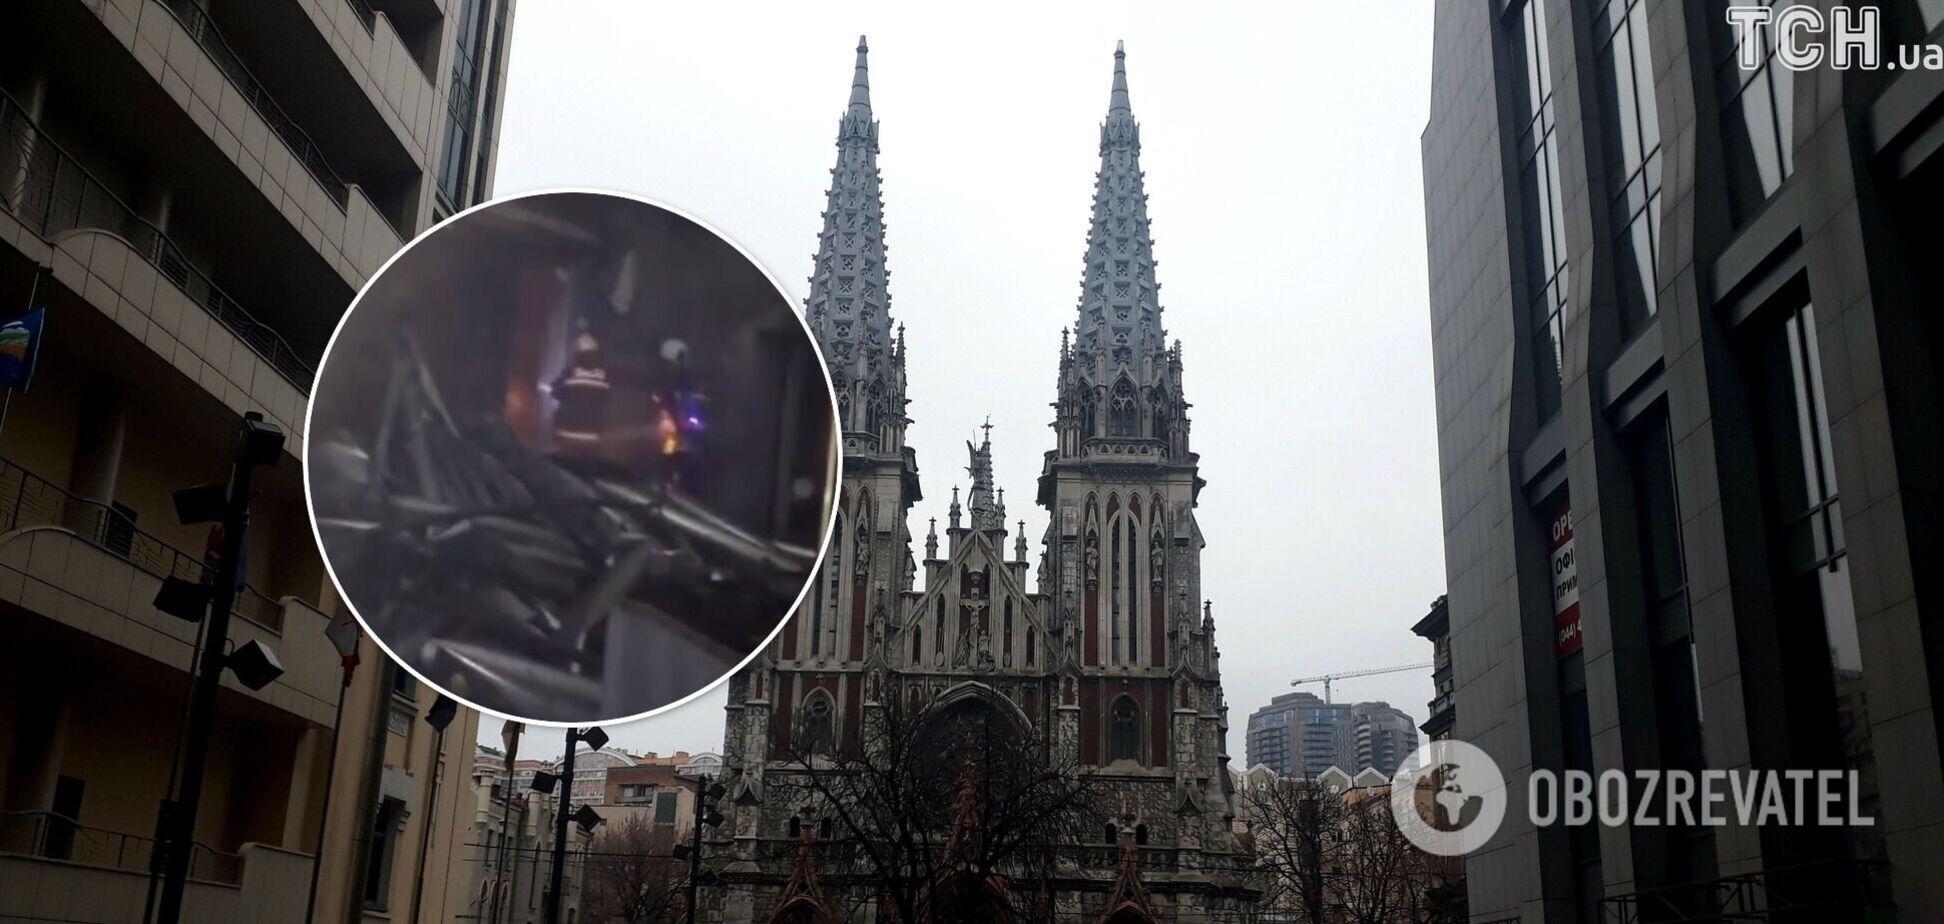 З'явилося відео зсередини костелу Святого Миколая в Києві після пожежі